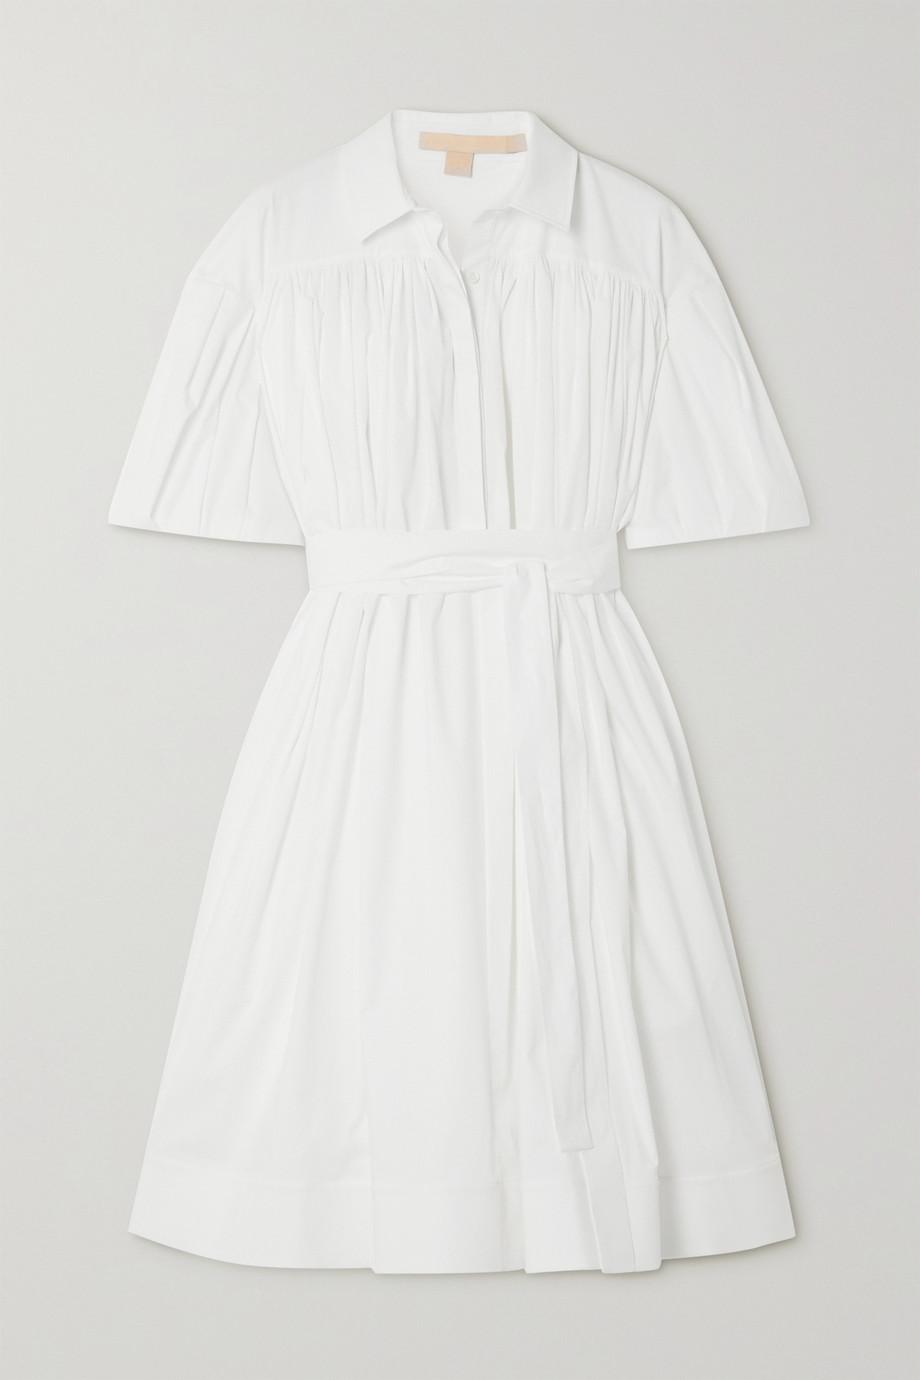 Brock Collection Belted cotton-blend poplin dress